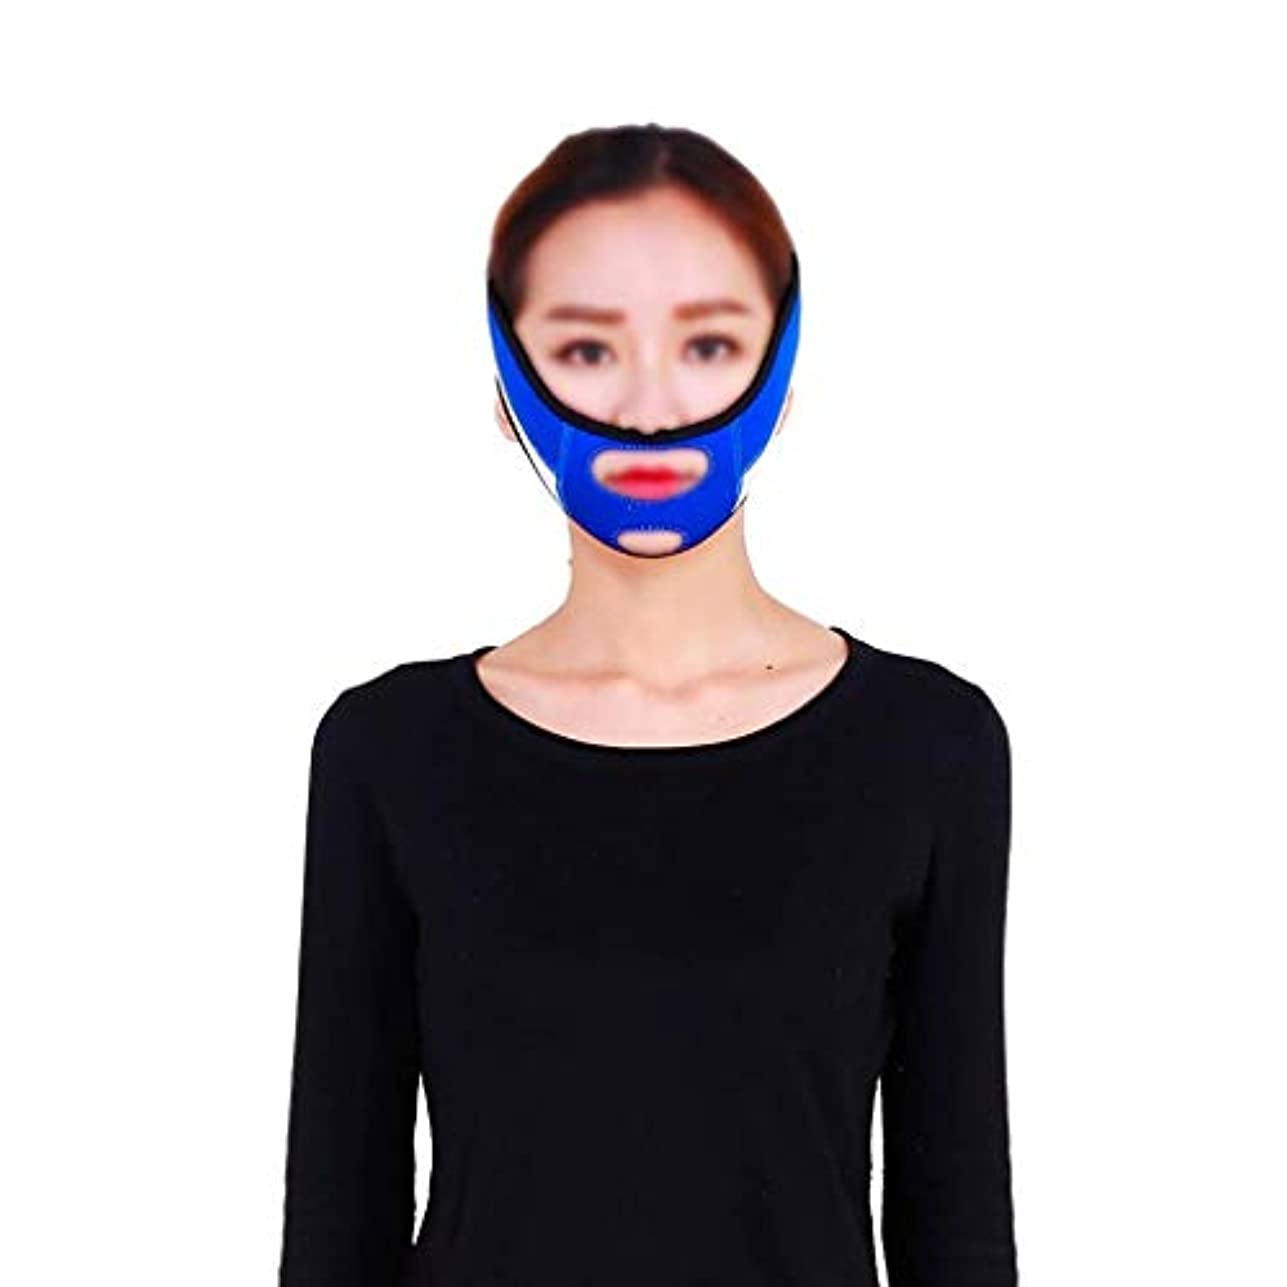 売る説得力のある没頭するファーミングフェイスマスク、スモールVフェイスアーティファクトリフティングマスク、口を調整して垂れ下がった肌を縮小滑り止め弾性ストレッチ包帯